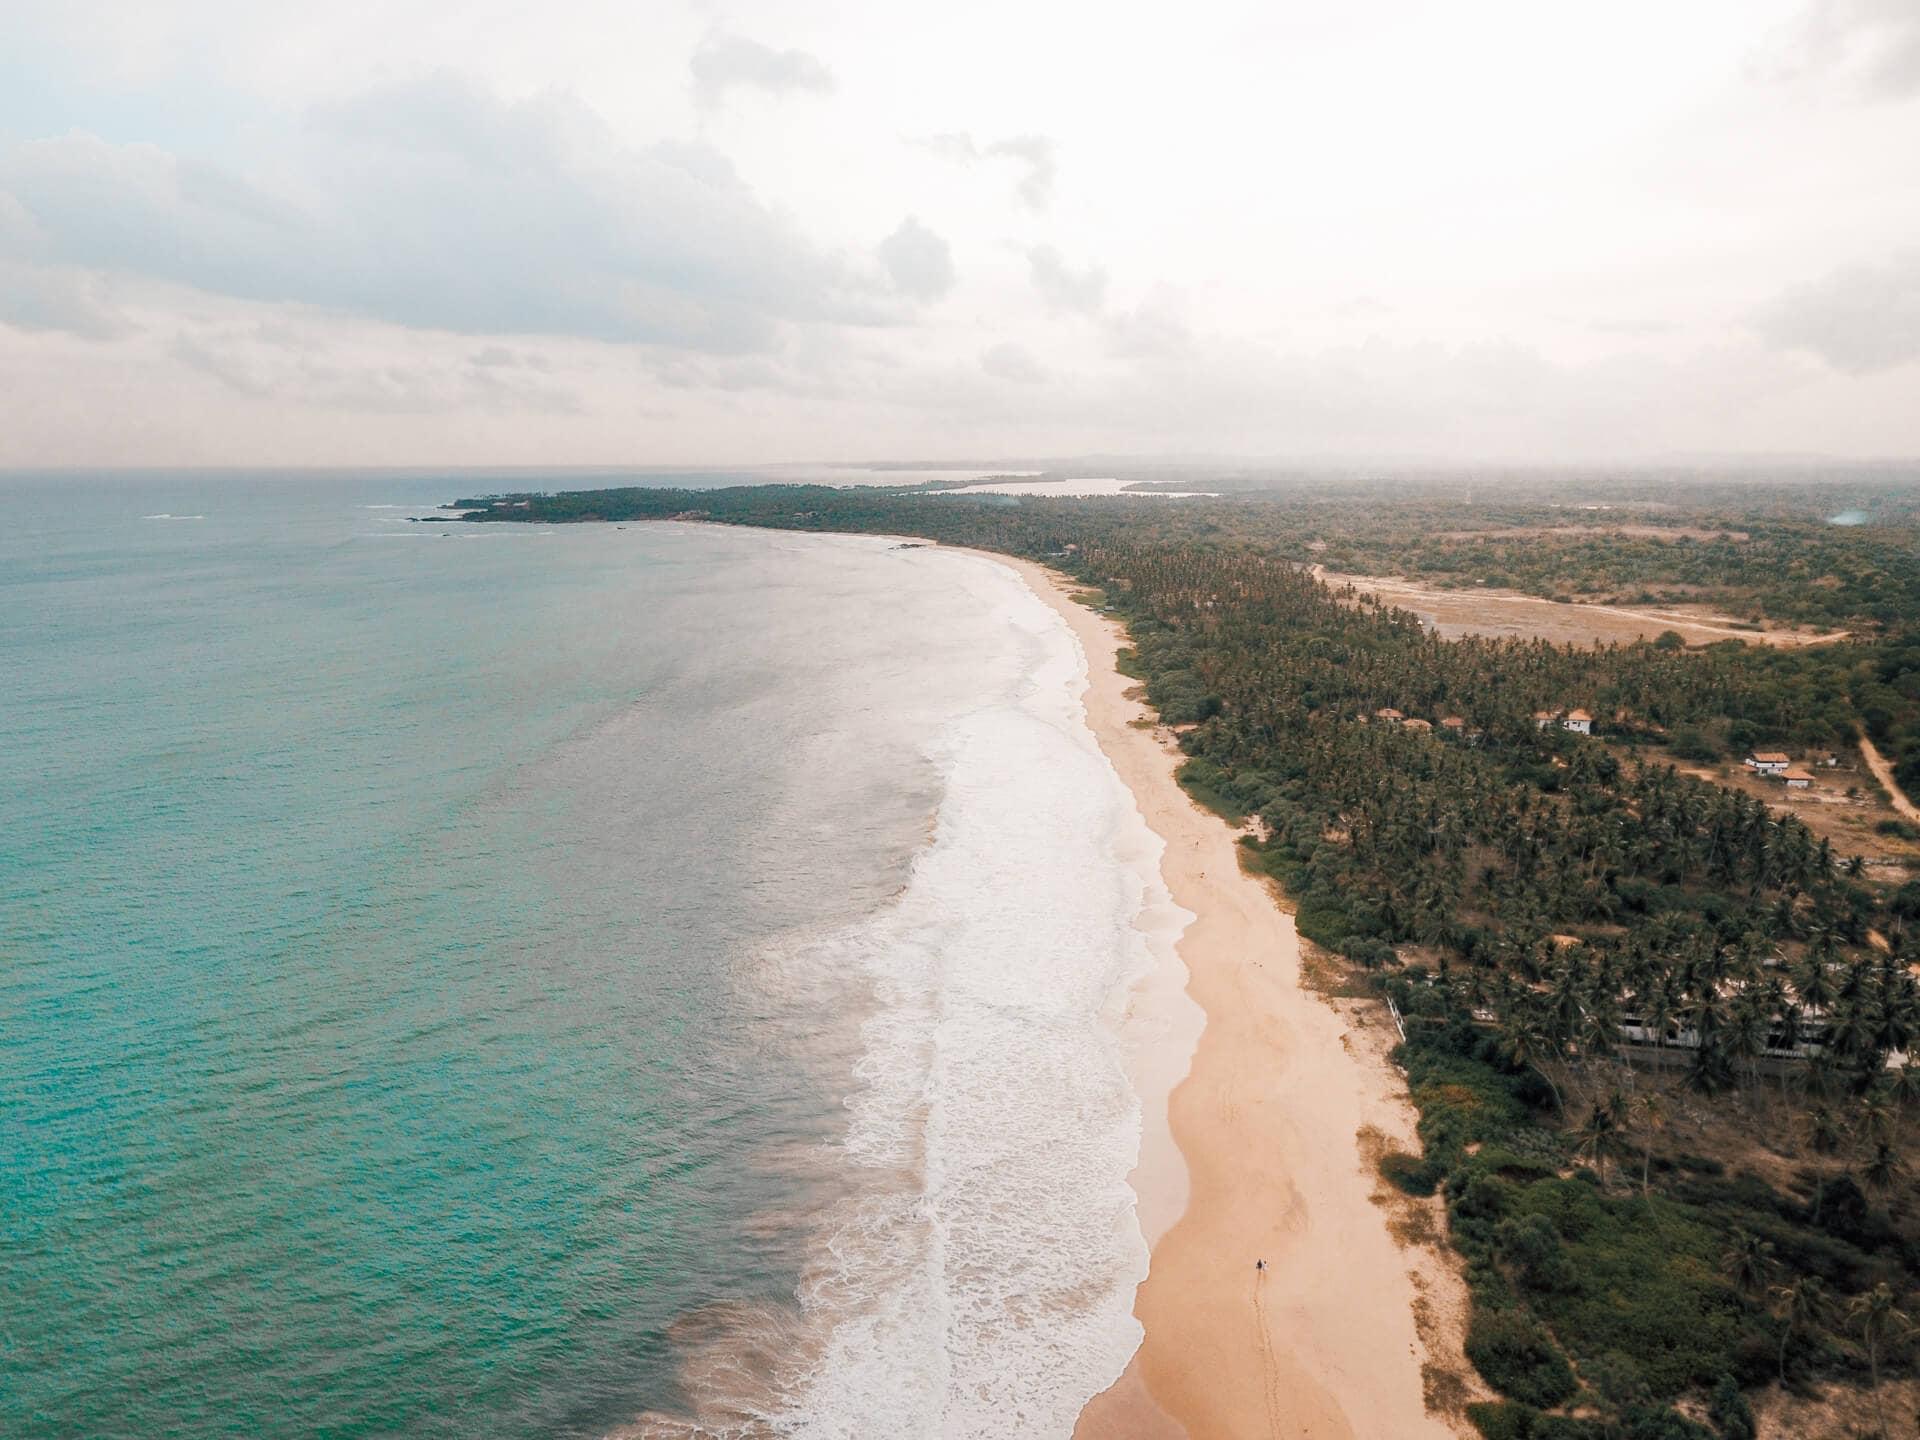 sri lanka beaches tangalle drone